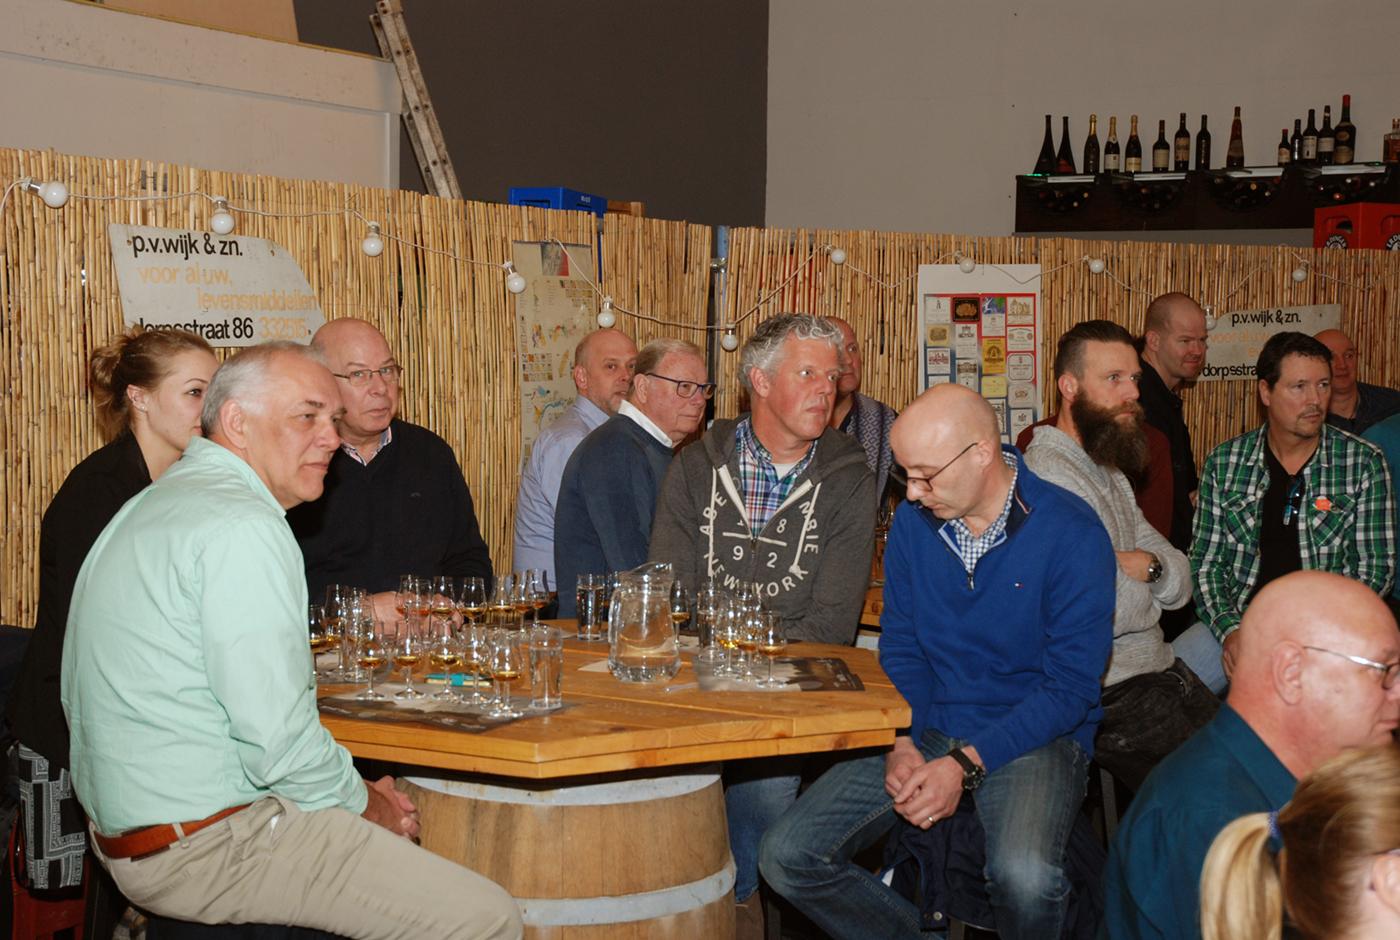 Mars Cosmo uit Japanse Alpen valt in de smaak op whisky tasting Slijterij De Bodega uit Capelle